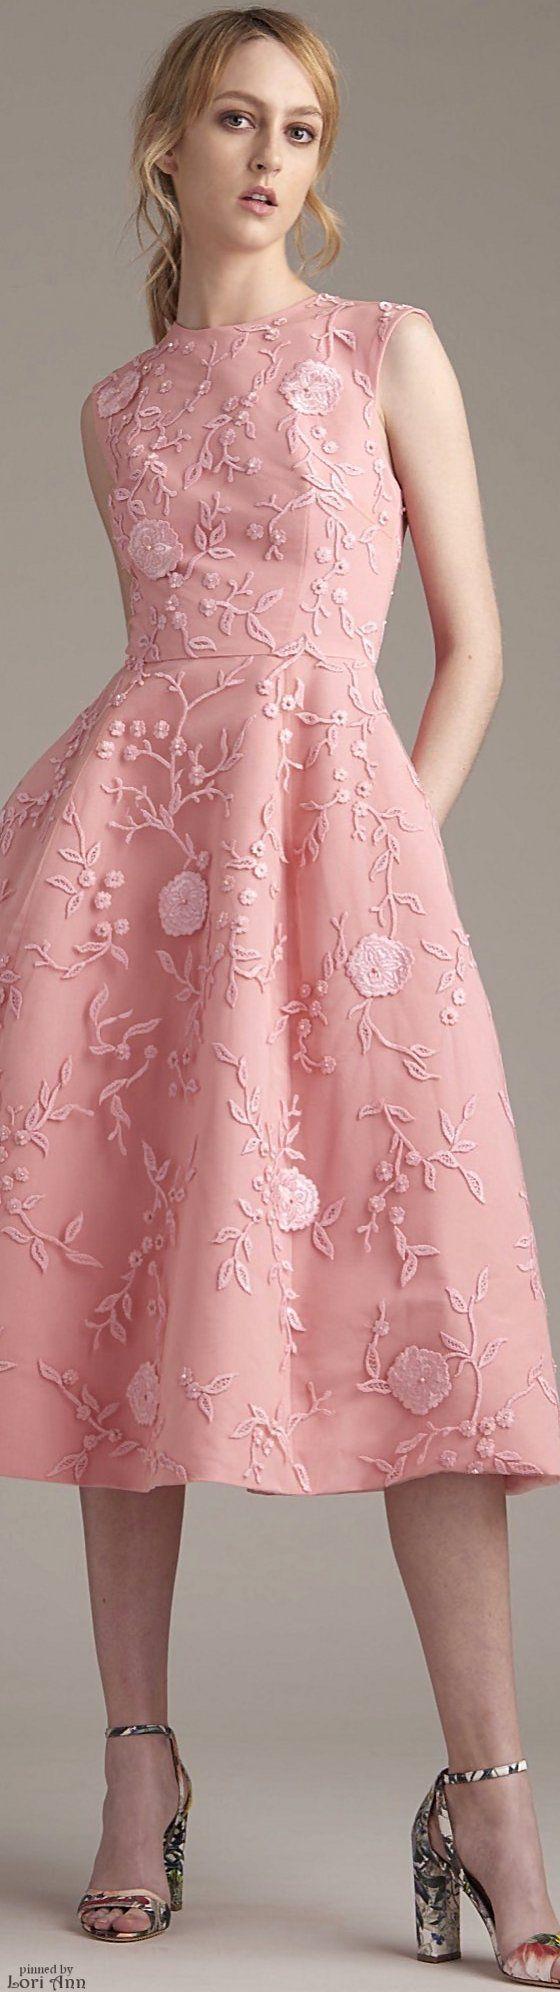 Mejores 339 imágenes de Vestidos en Pinterest | Vestidos escotados ...